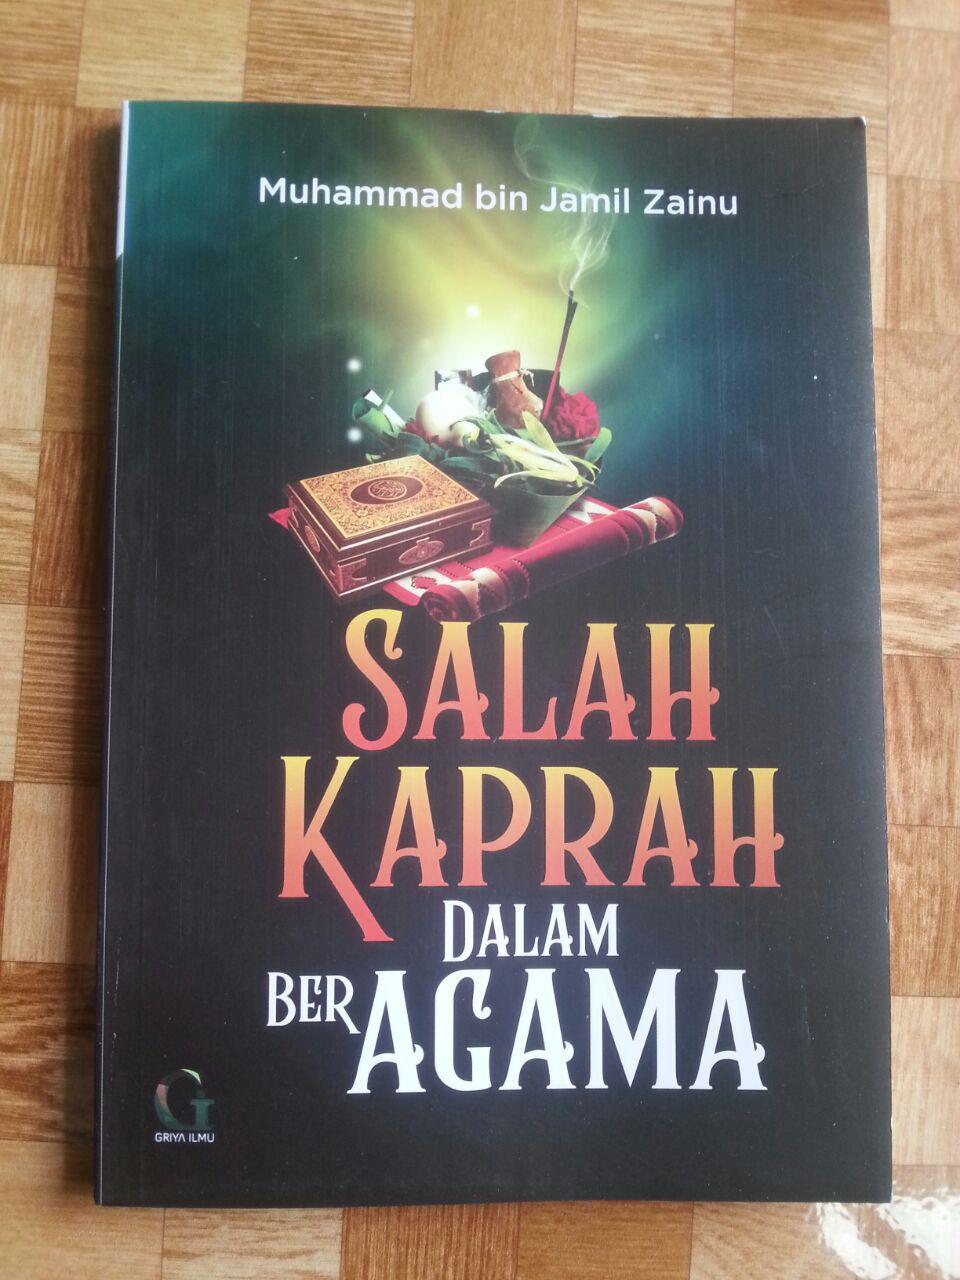 Buku Salah Kaprah Dalam Beragama cover 2